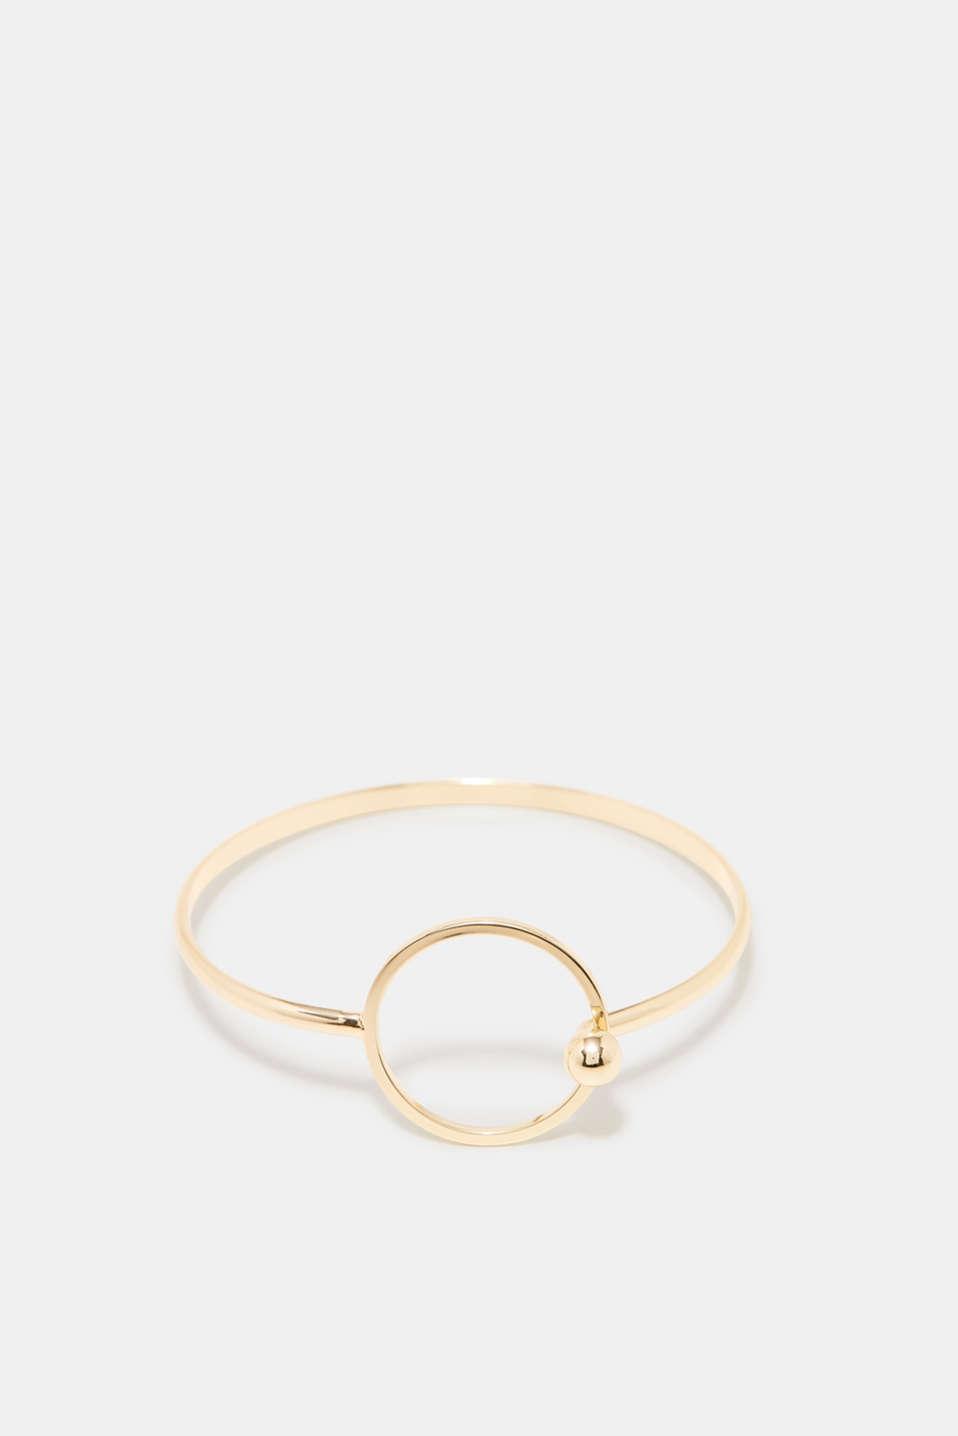 esprit armband mit ring verschluss im online shop kaufen. Black Bedroom Furniture Sets. Home Design Ideas